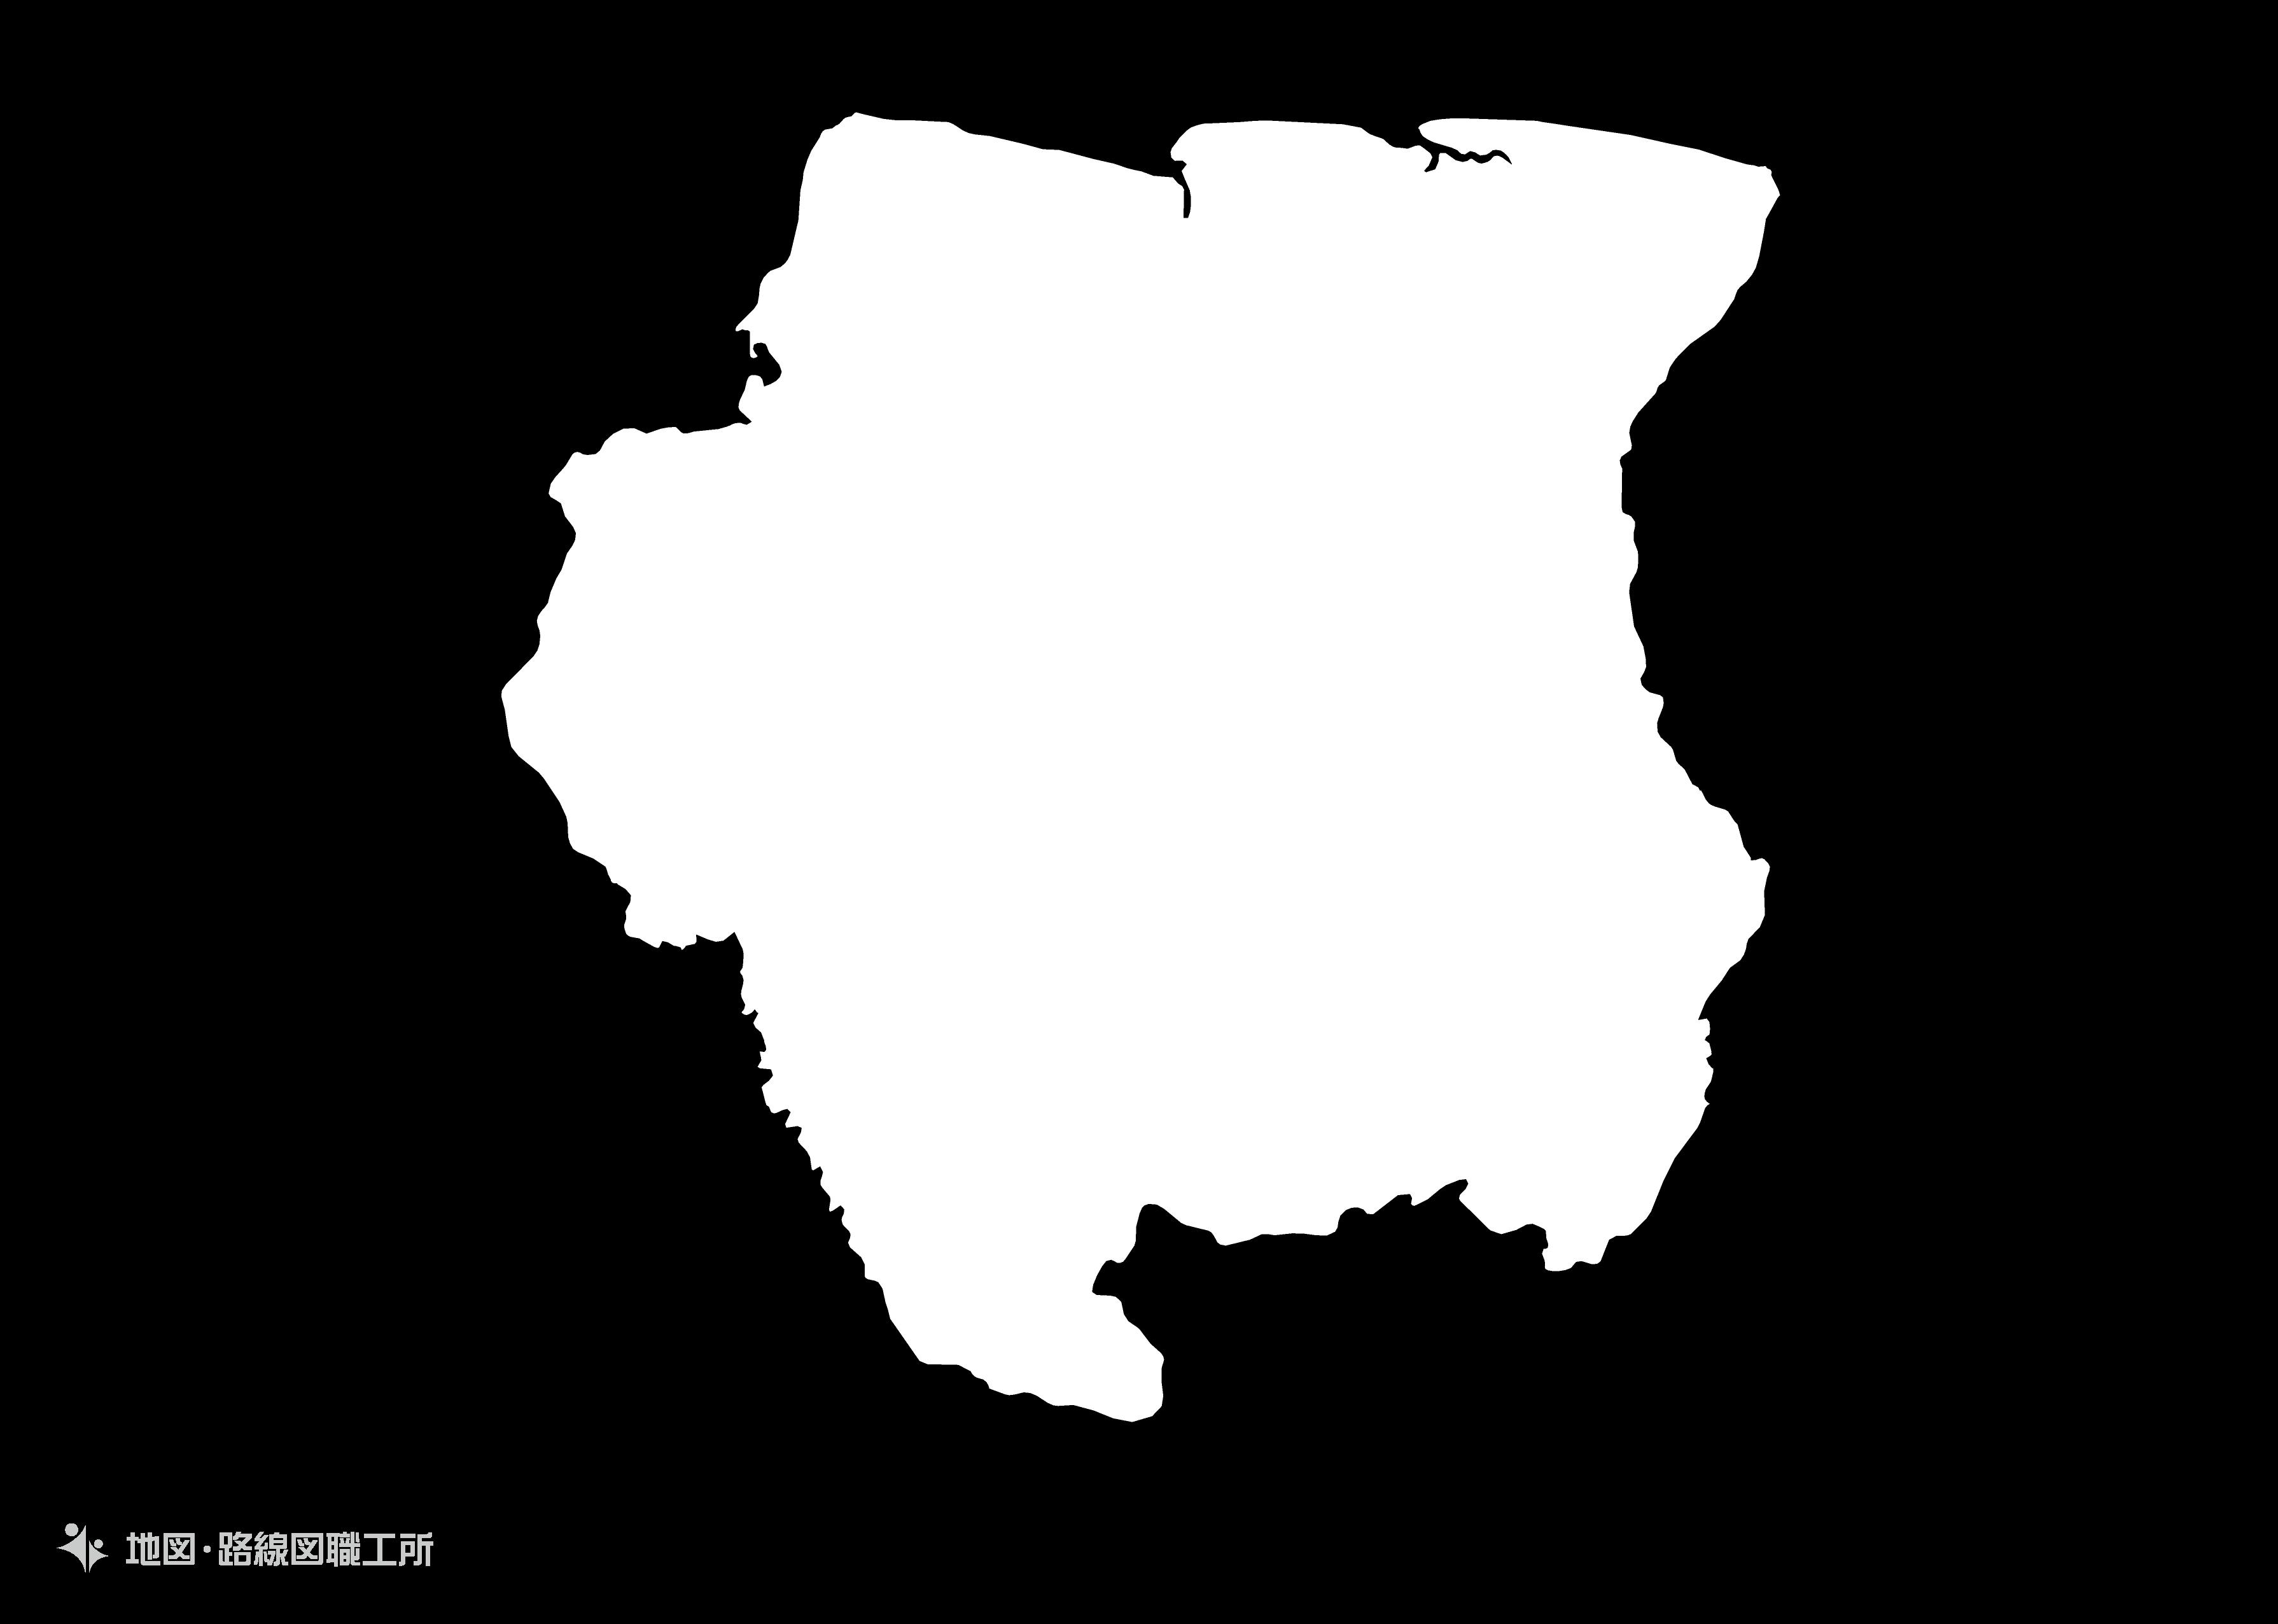 世界の白地図 スリナム共和国 republic-of-suriname map